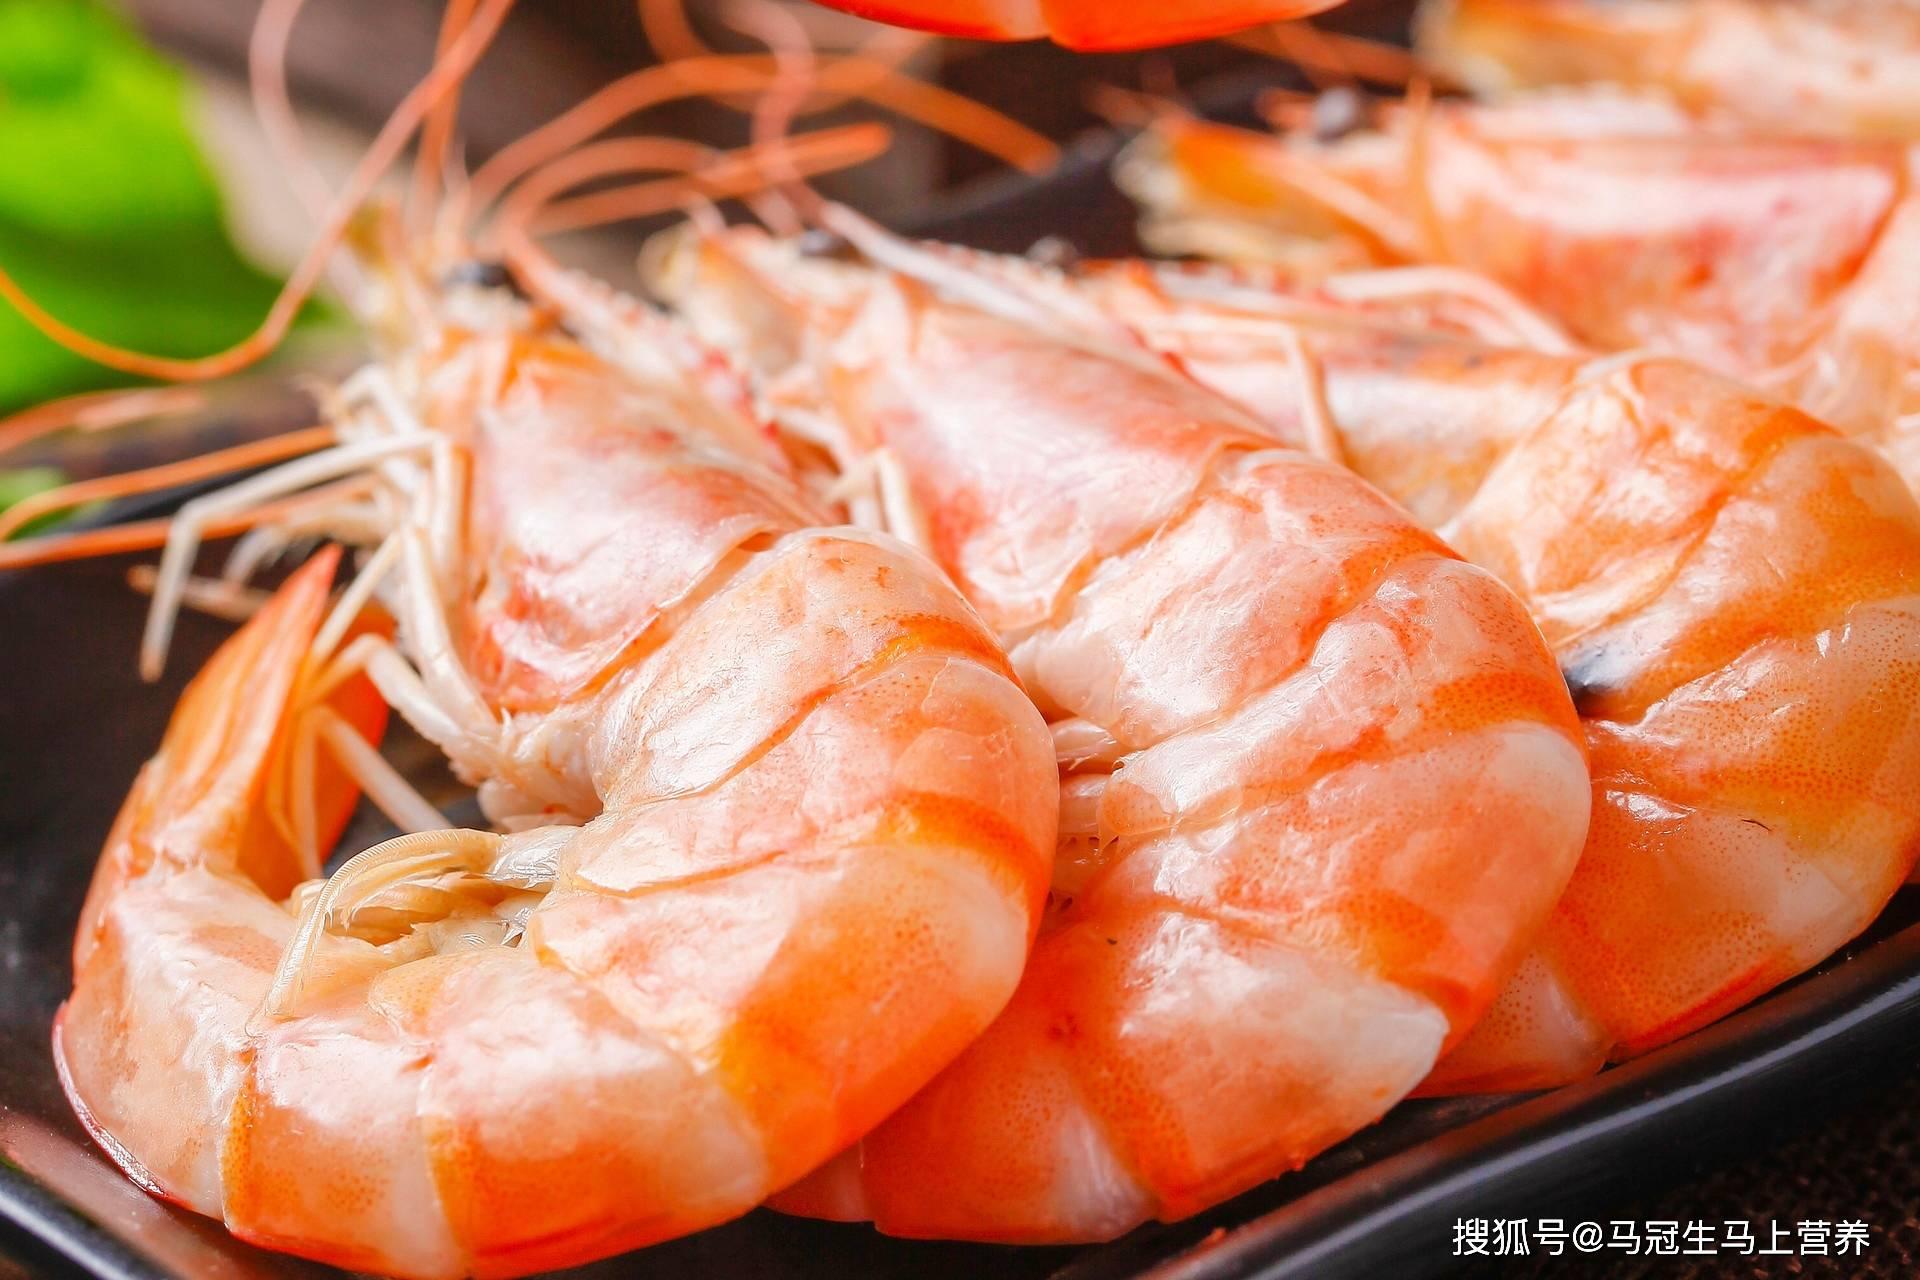 虾的营养富厚富含卵白质和矿物元素、脂肪含量相对低 菜有什么营养